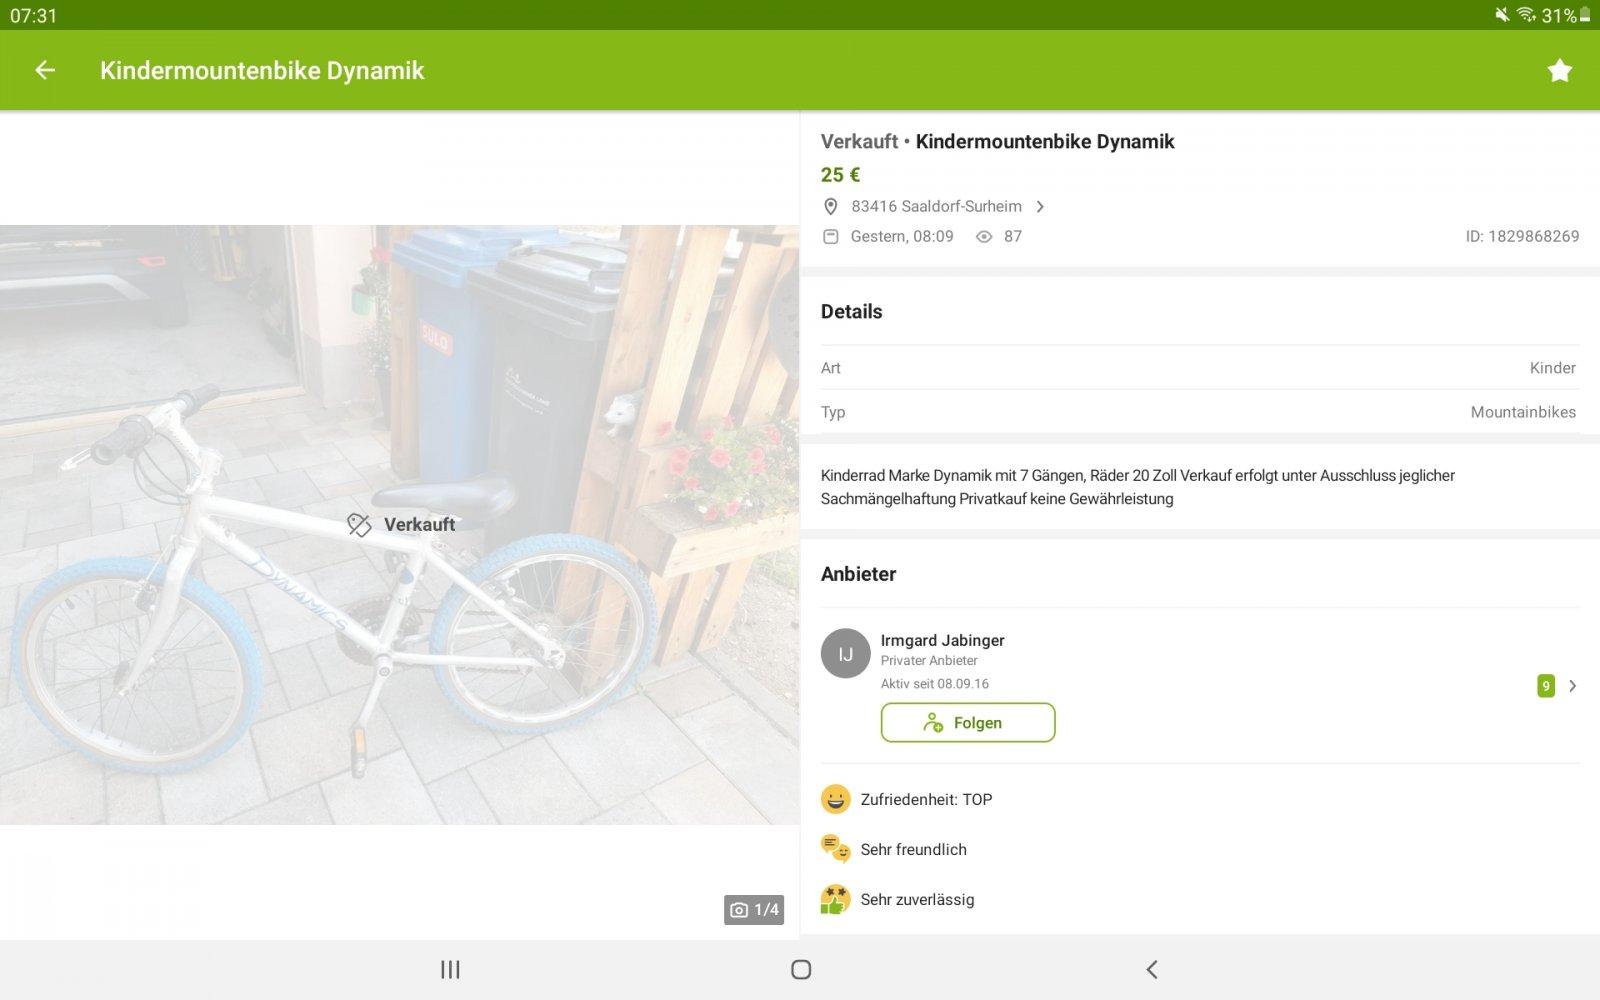 Screenshot_20210727-073140_eBay Kleinanzeigen.jpg